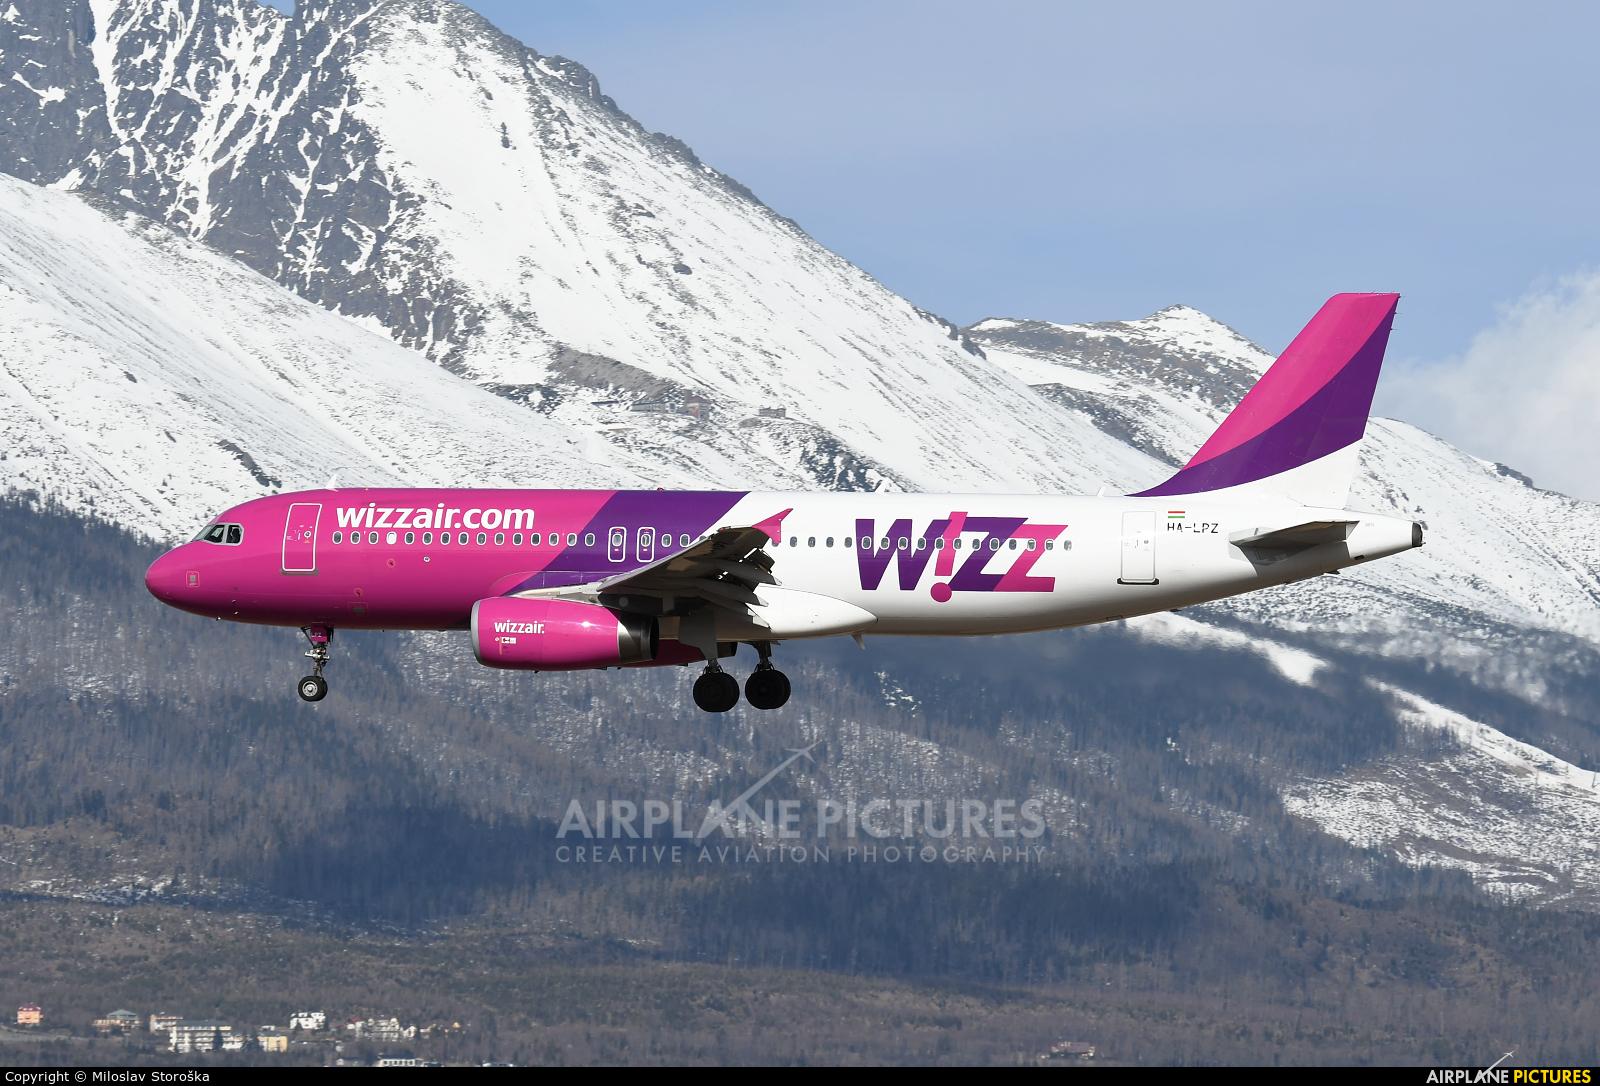 Wizz Air HA-LPZ aircraft at Poprad - Tatry